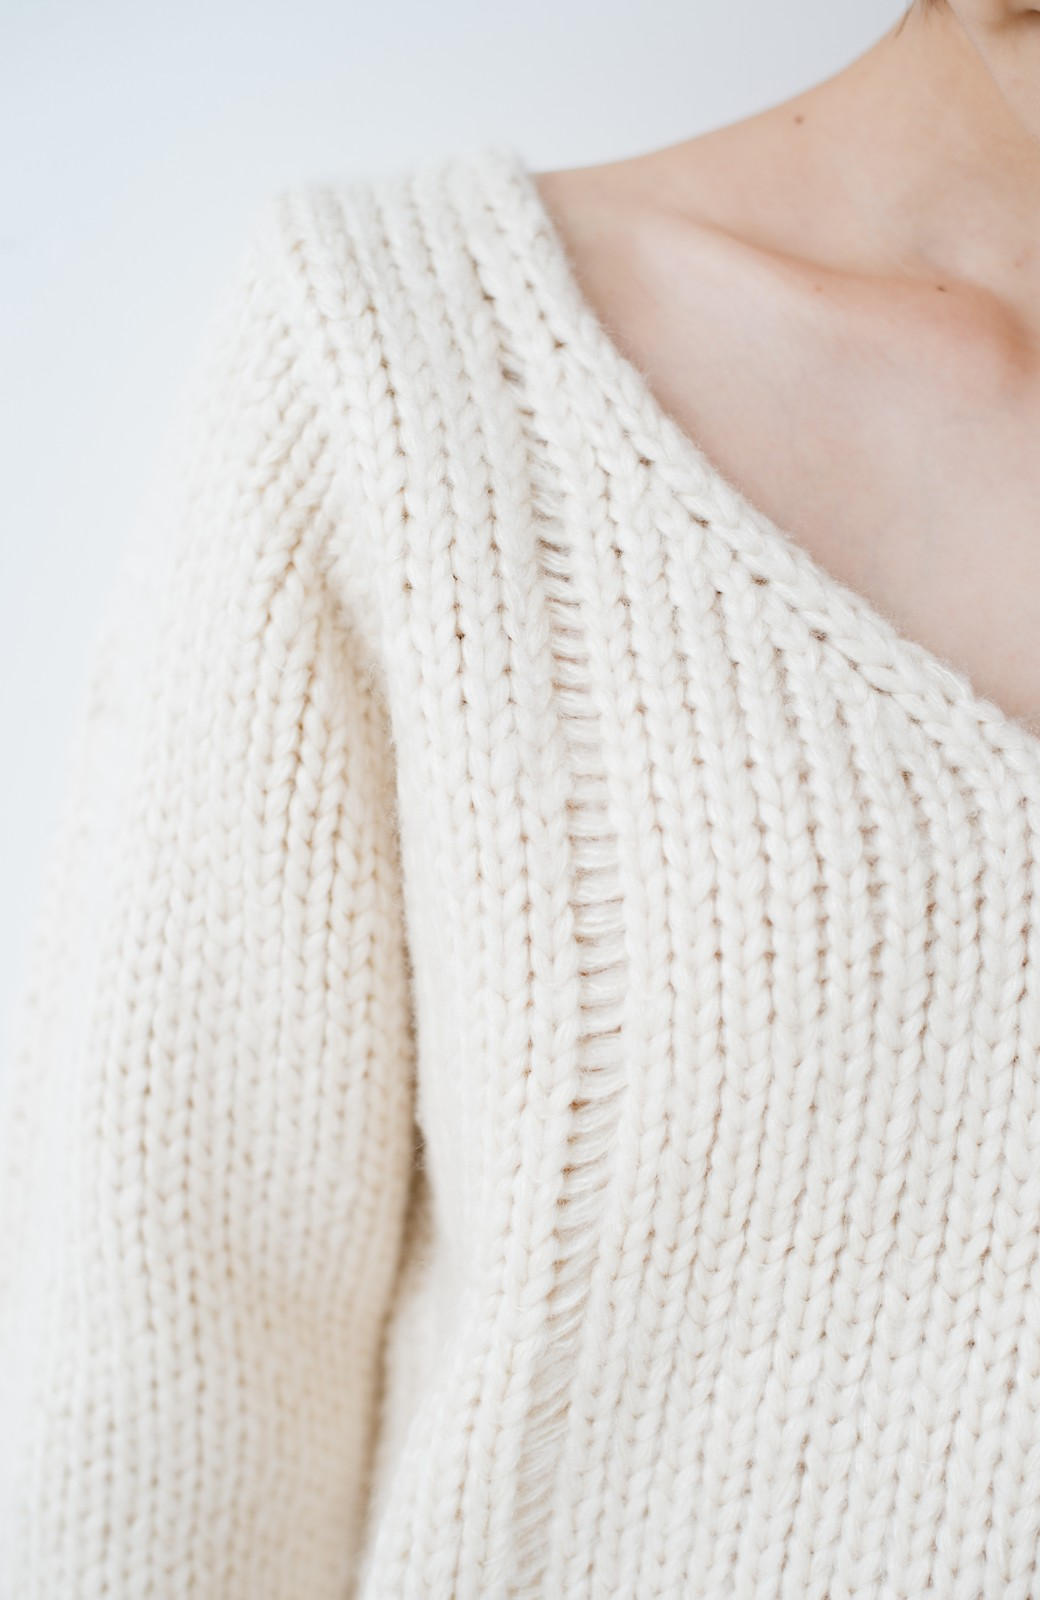 haco! さりげなく女っぽい 手編み風ざっくりニット <アイボリー>の商品写真2